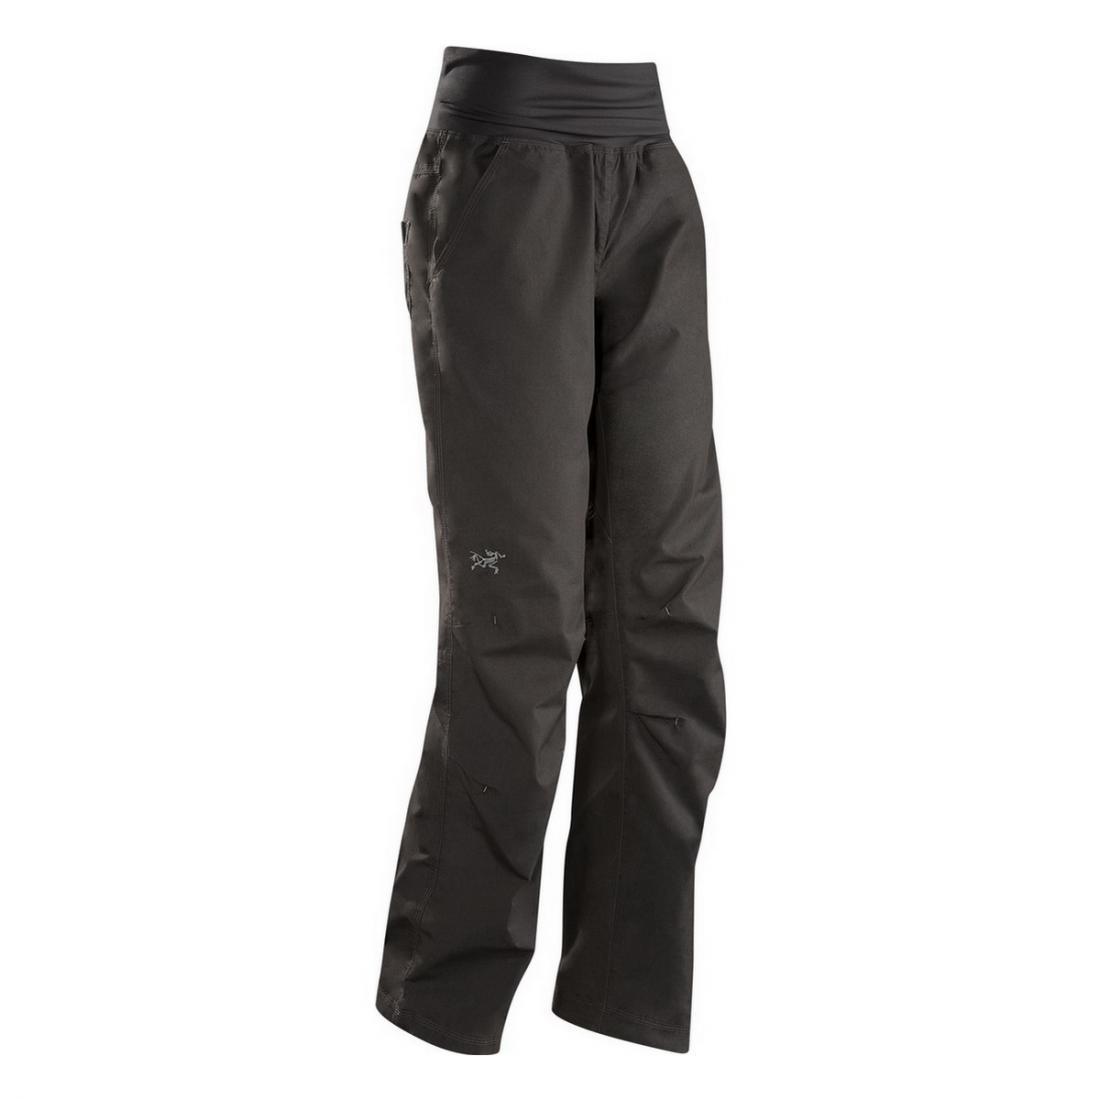 Брюки Emoji Pant жен.Брюки, штаны<br><br><br><br> Emoji Pant– широкие удобные брюки с высоким эластичным поясом. Это женская модель от компании Arcteryx привлекает внимание любительниц ...<br><br>Цвет: Темно-серый<br>Размер: 8